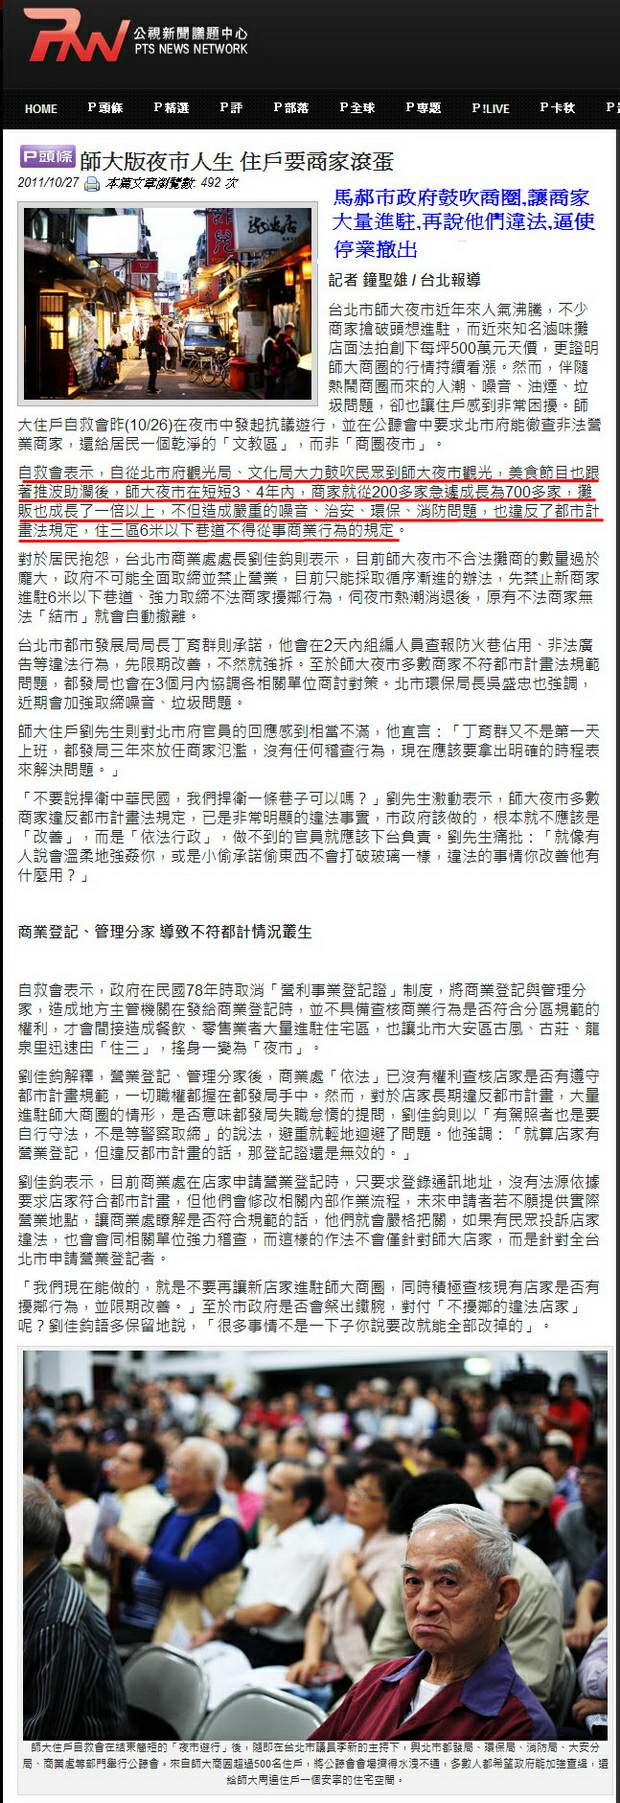 師大版夜市人生 住戶要商家滾蛋-2011.10.27.jpg